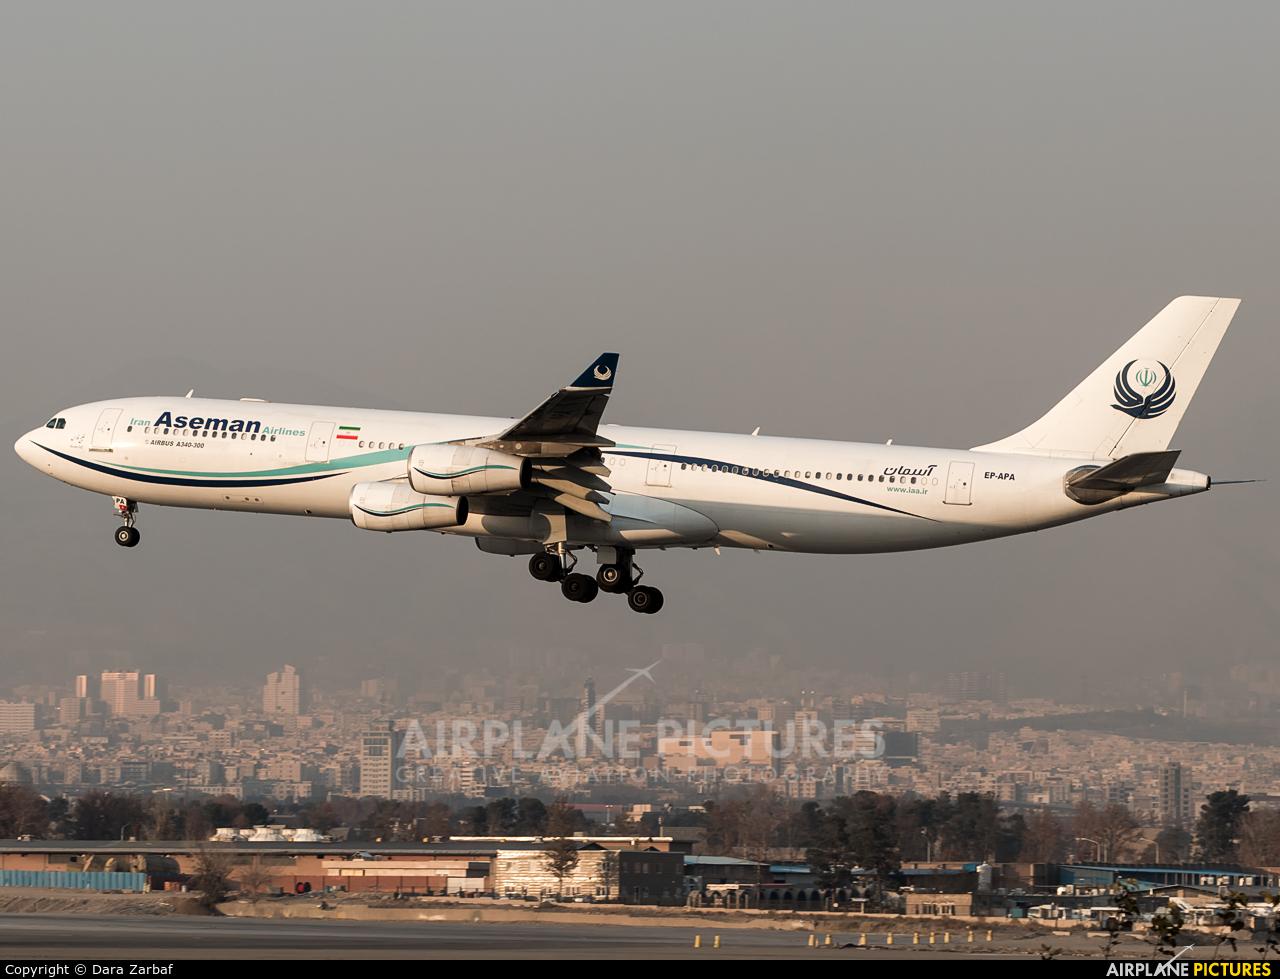 Iran Aseman EP-APA aircraft at Tehran - Mehrabad Intl